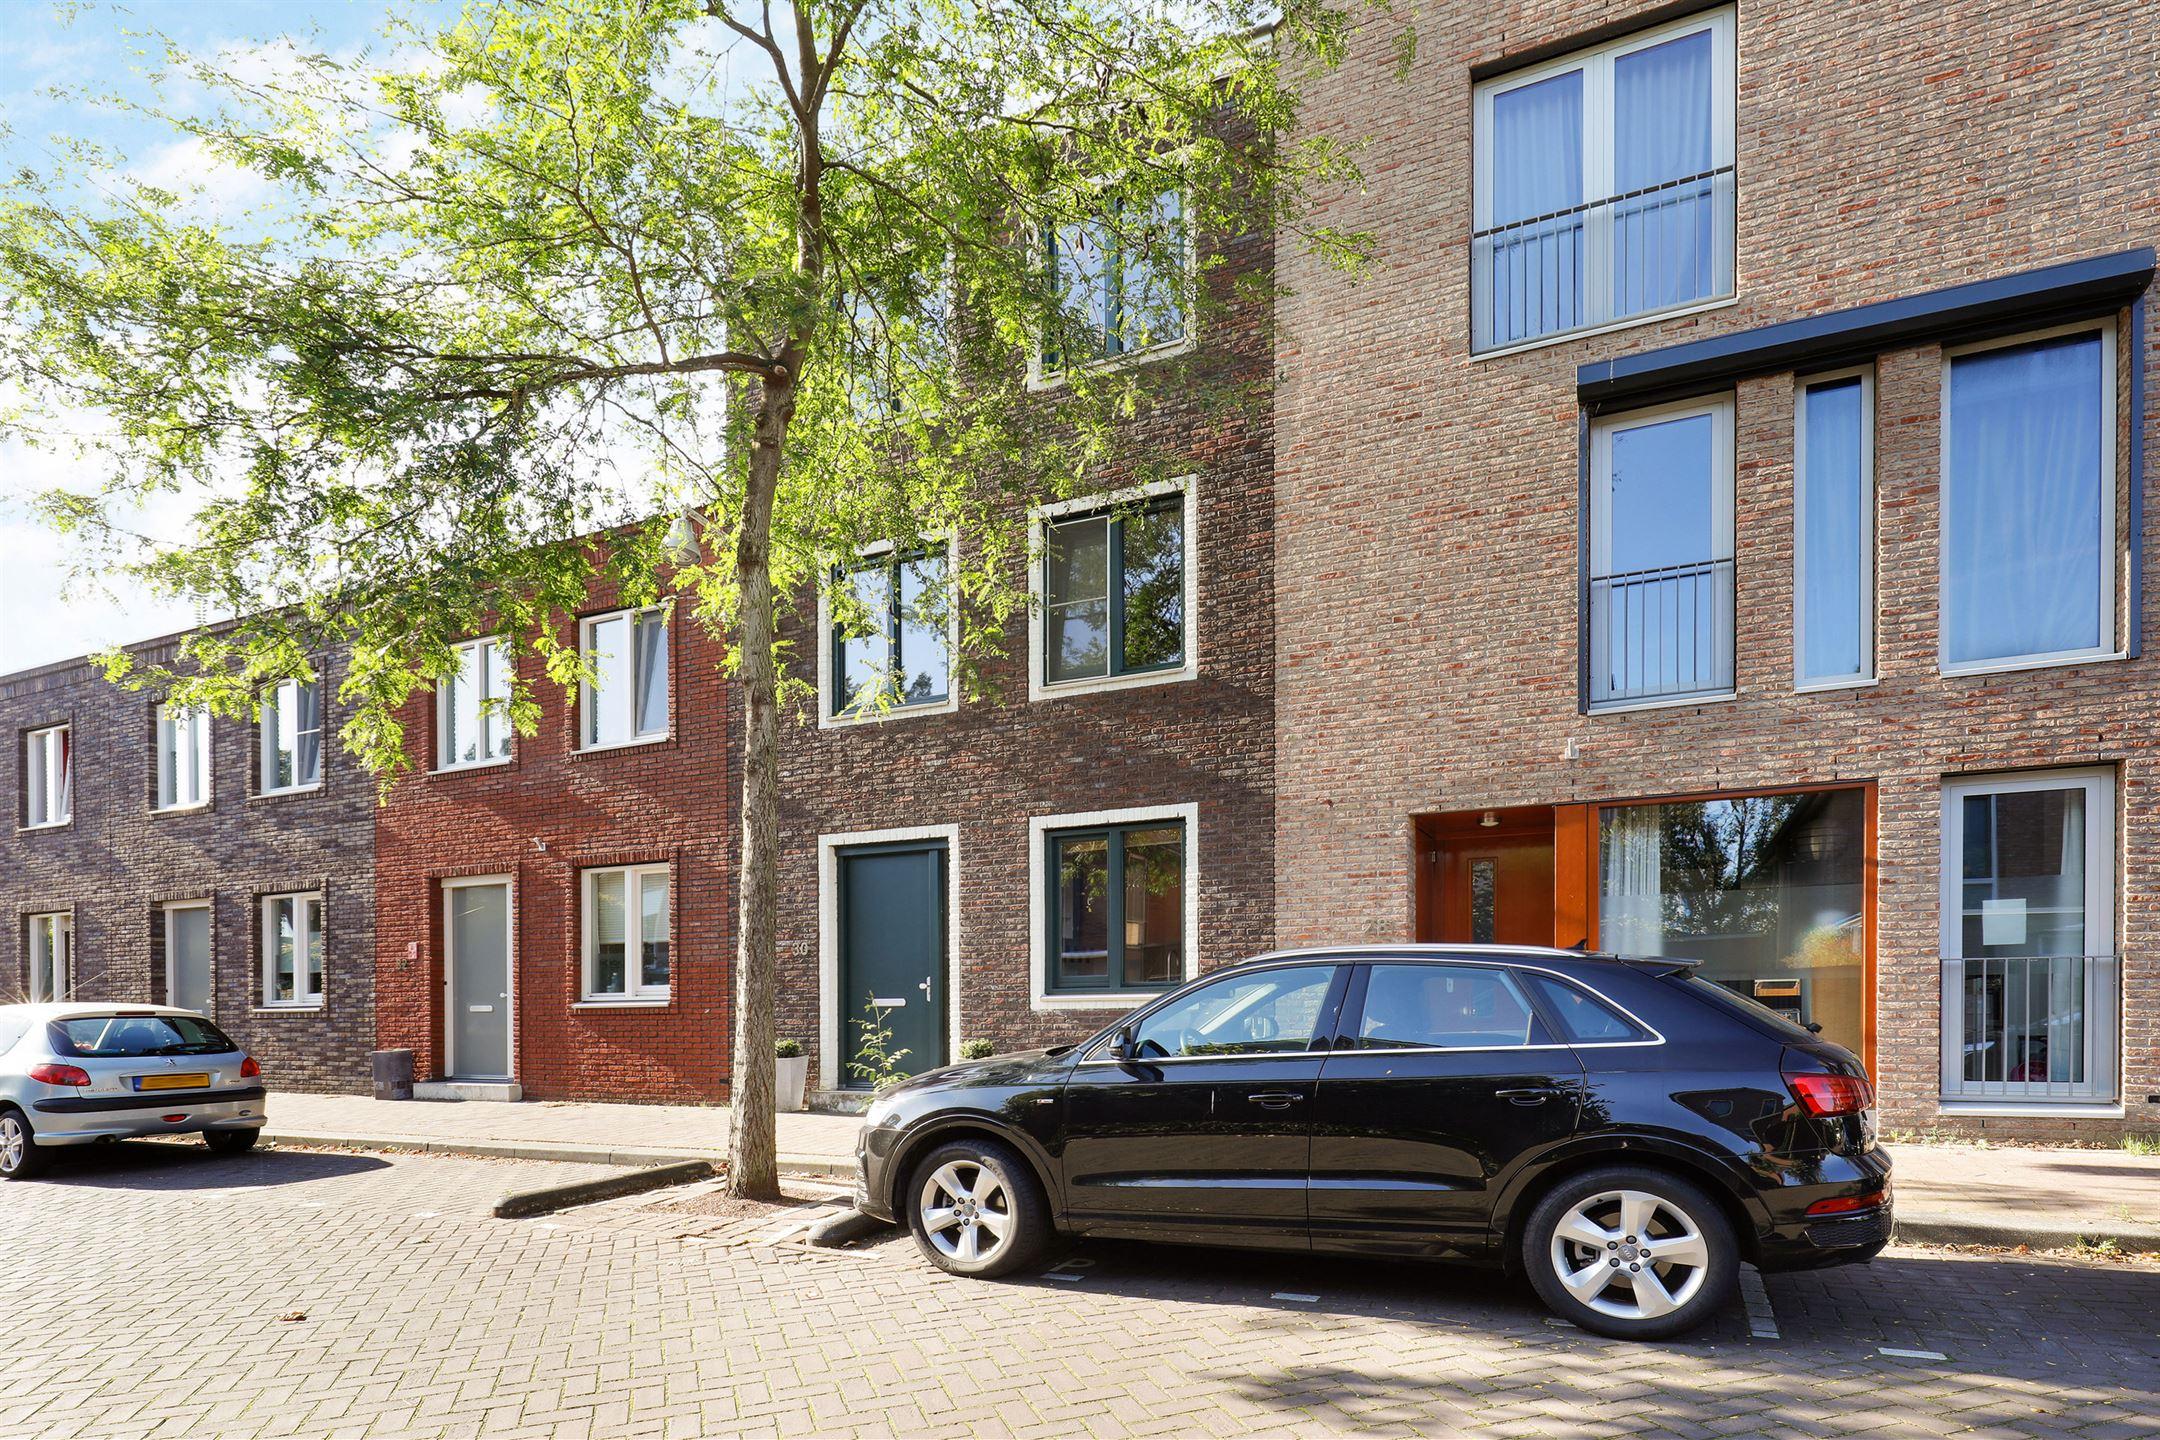 Huis te koop hindeloopenkade 30 3826 bc amersfoort funda for Huizen te koop amersfoort